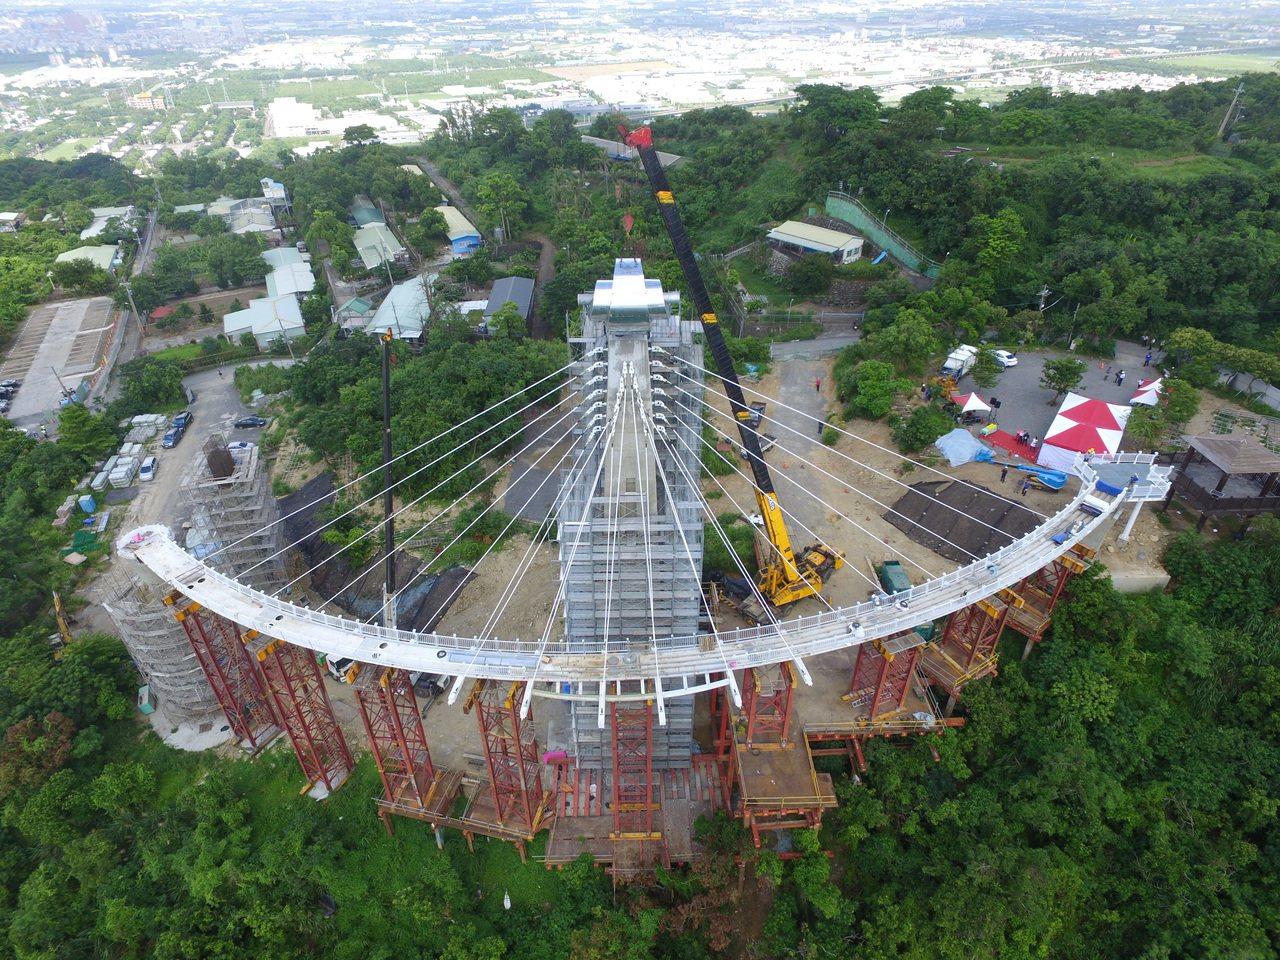 步道迴廊以偏心懸吊式打造,將鋼結構步道懸吊在半空中,遊客漫步於天空迴廊上,能體驗...